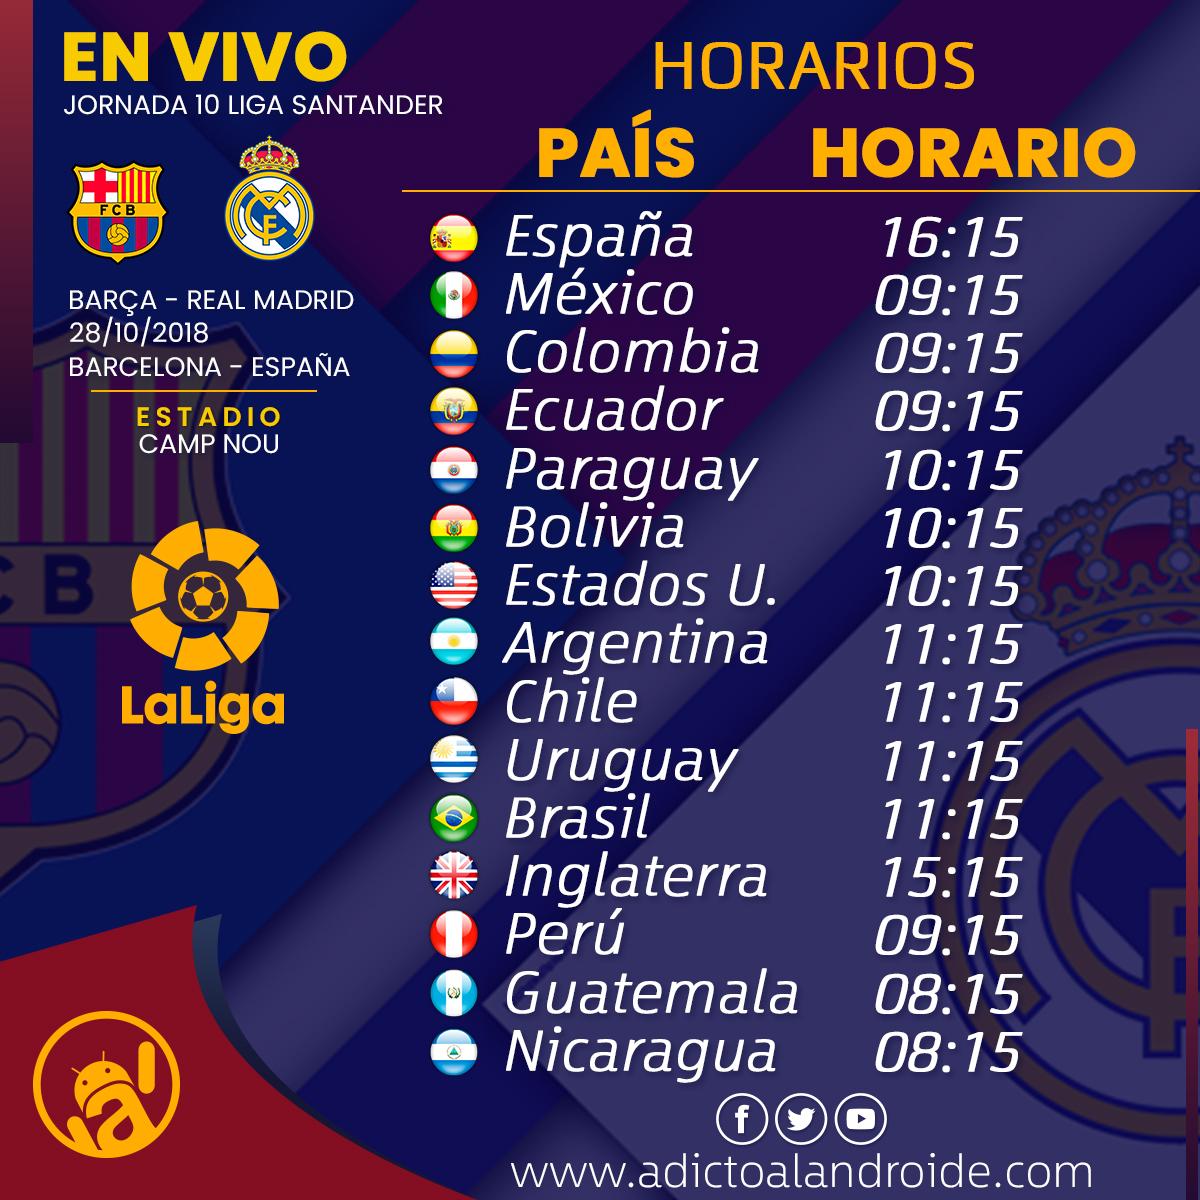 Horarios para Ver Barcelona vs Real Madrid en VIVO online GRATIS